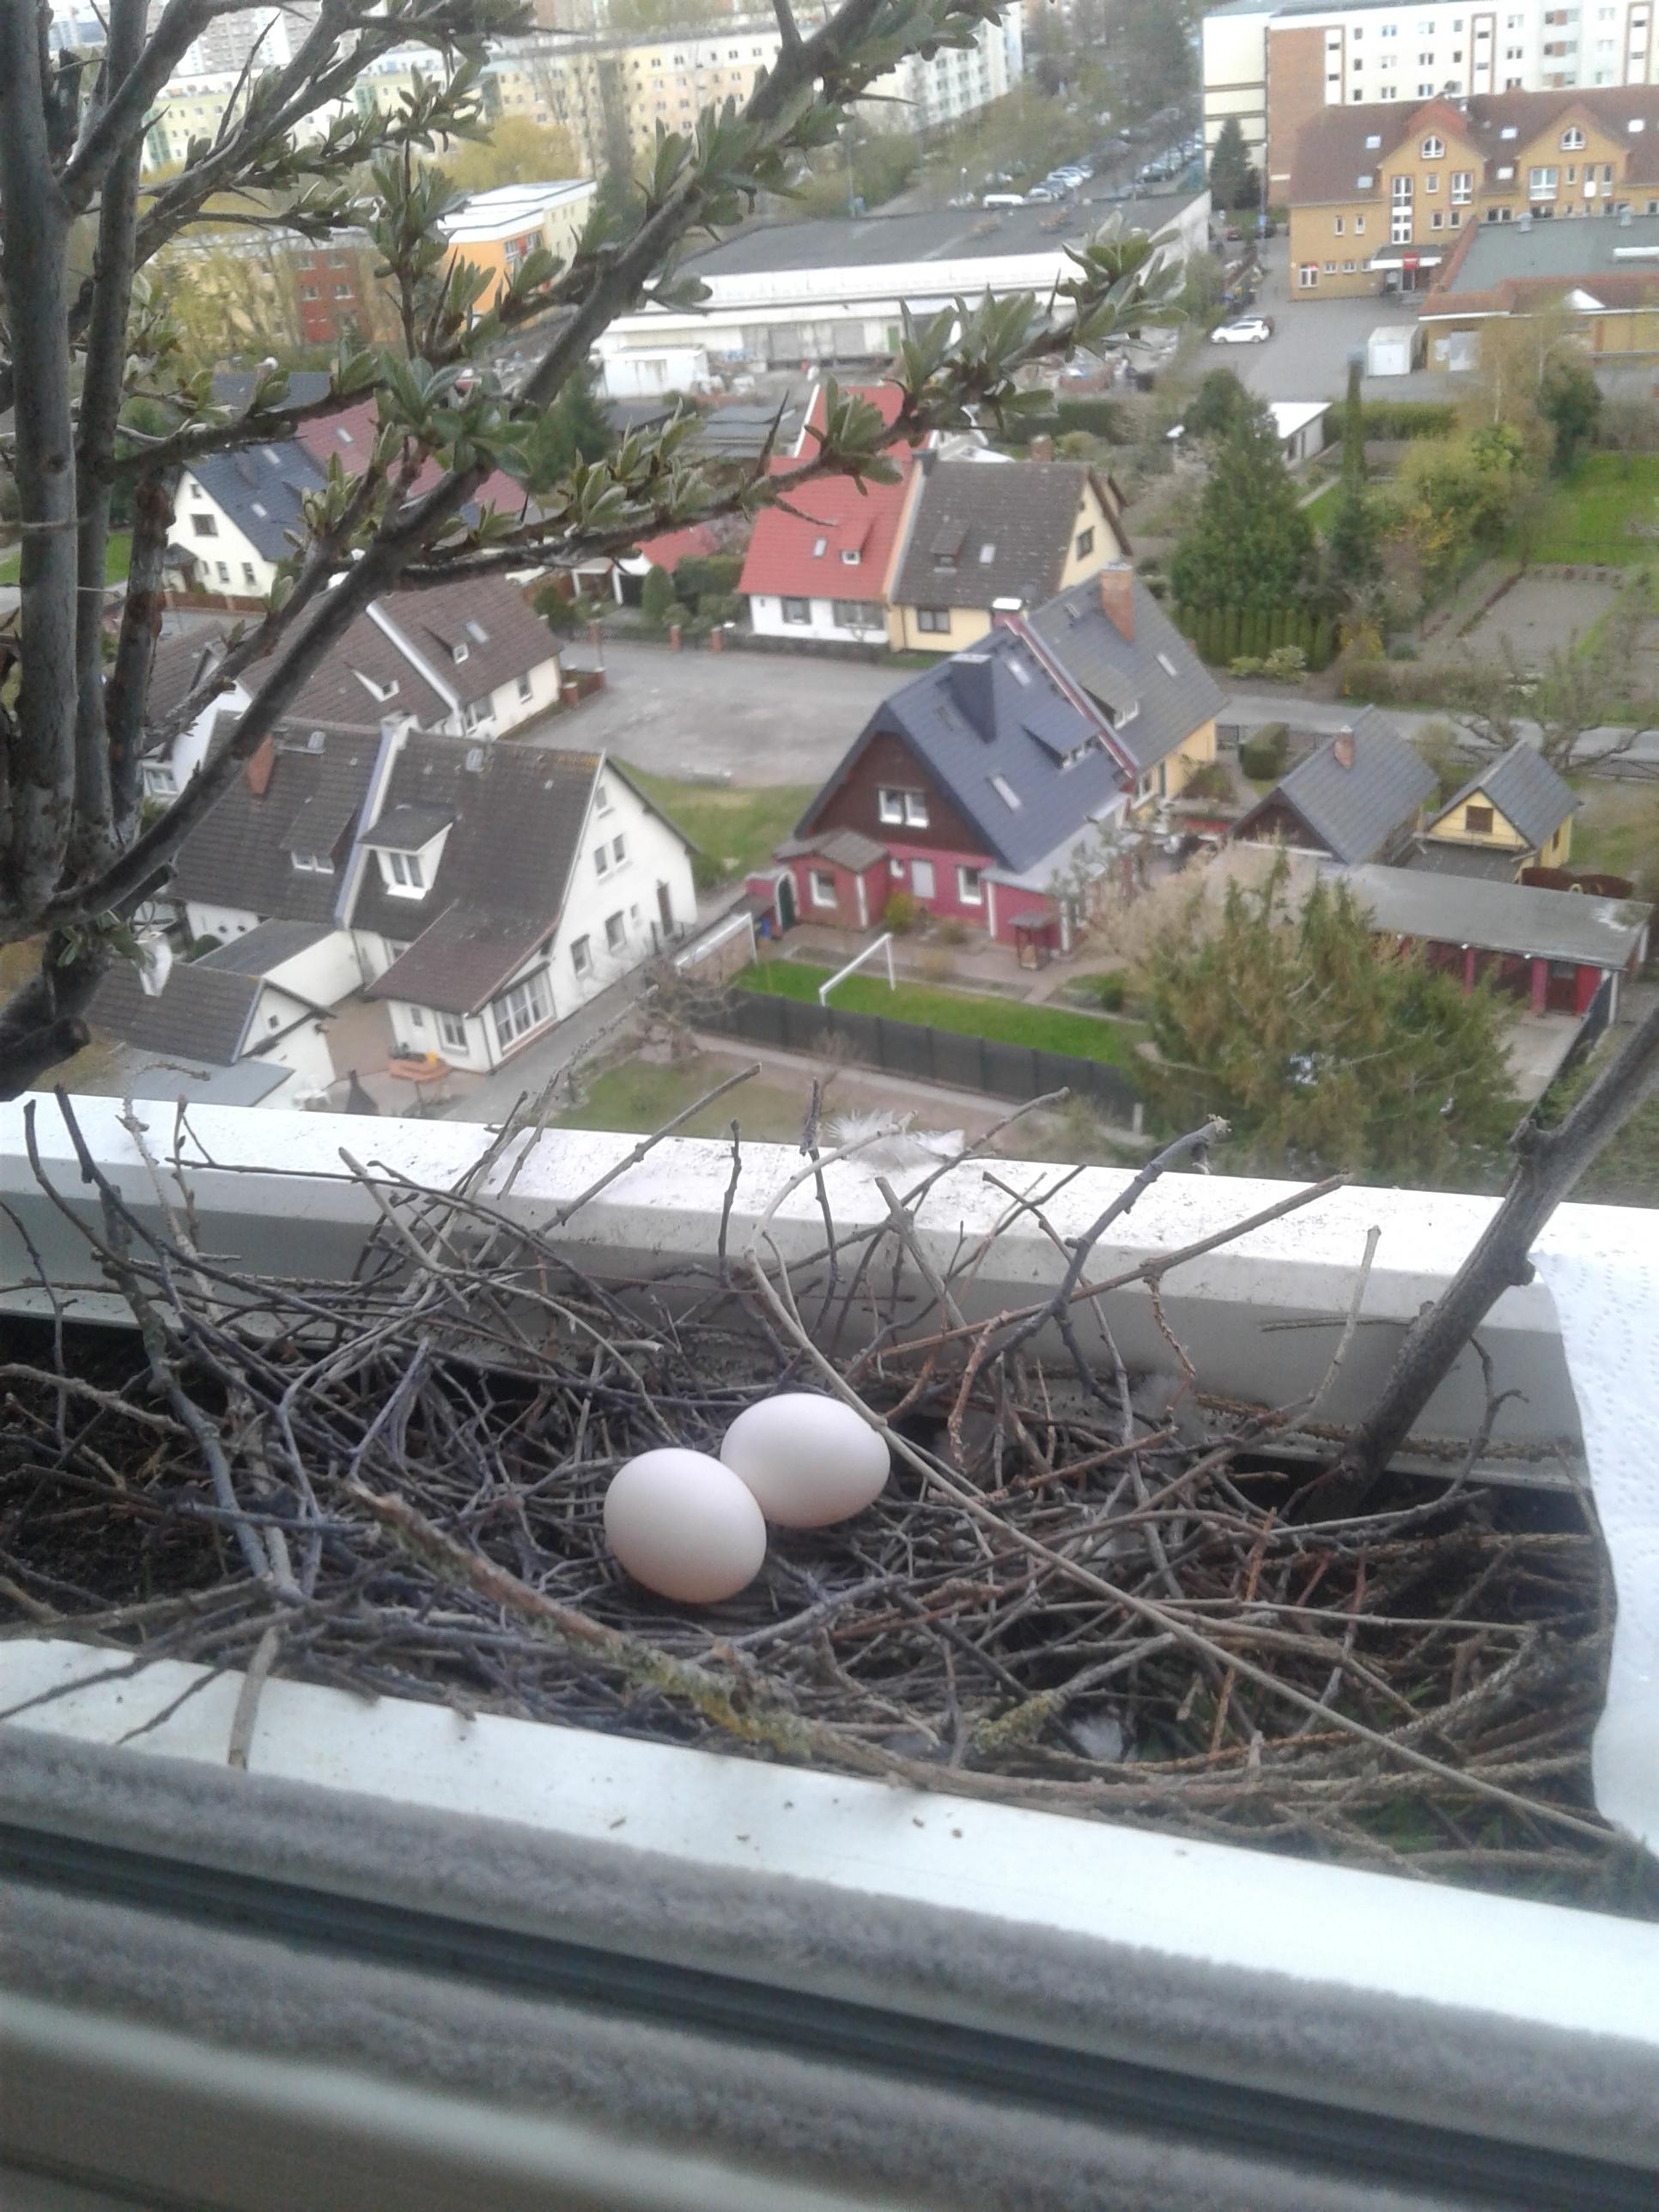 14.04.2019 - Das zweite Ei